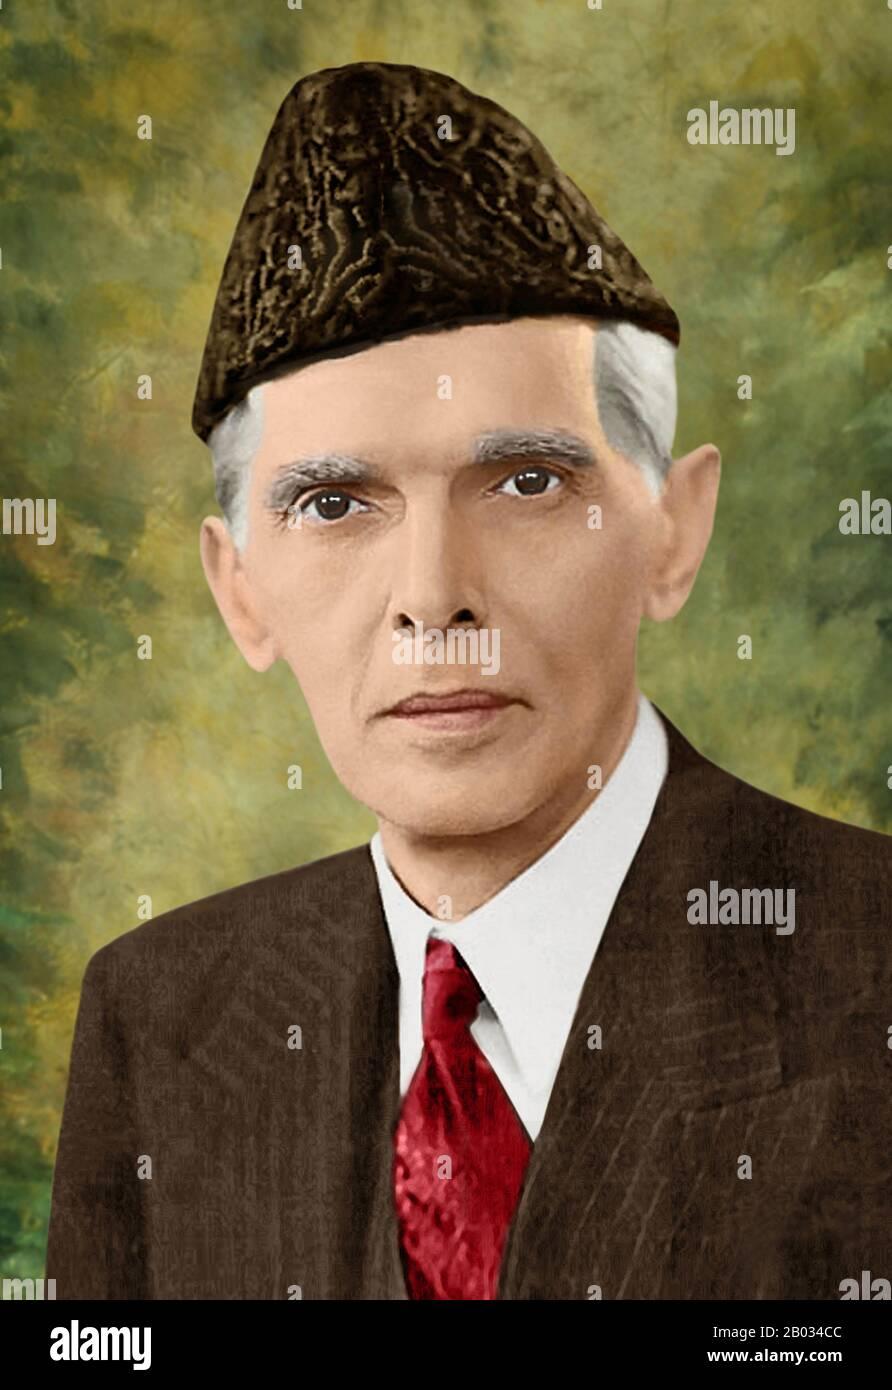 Muhammad Ali Jinnah (25 de diciembre de 1876 – 11 de septiembre de 1948) fue un abogado del siglo XX, político, estadista y fundador de Pakistán. Es conocido popular y oficialmente en Pakistán como Quaid-e-Azam (Gran líder). Jinnah murió a la edad de 71 años en septiembre de 1948, poco más de un año después de que Pakistán se independizara del Imperio Británico. Foto de stock